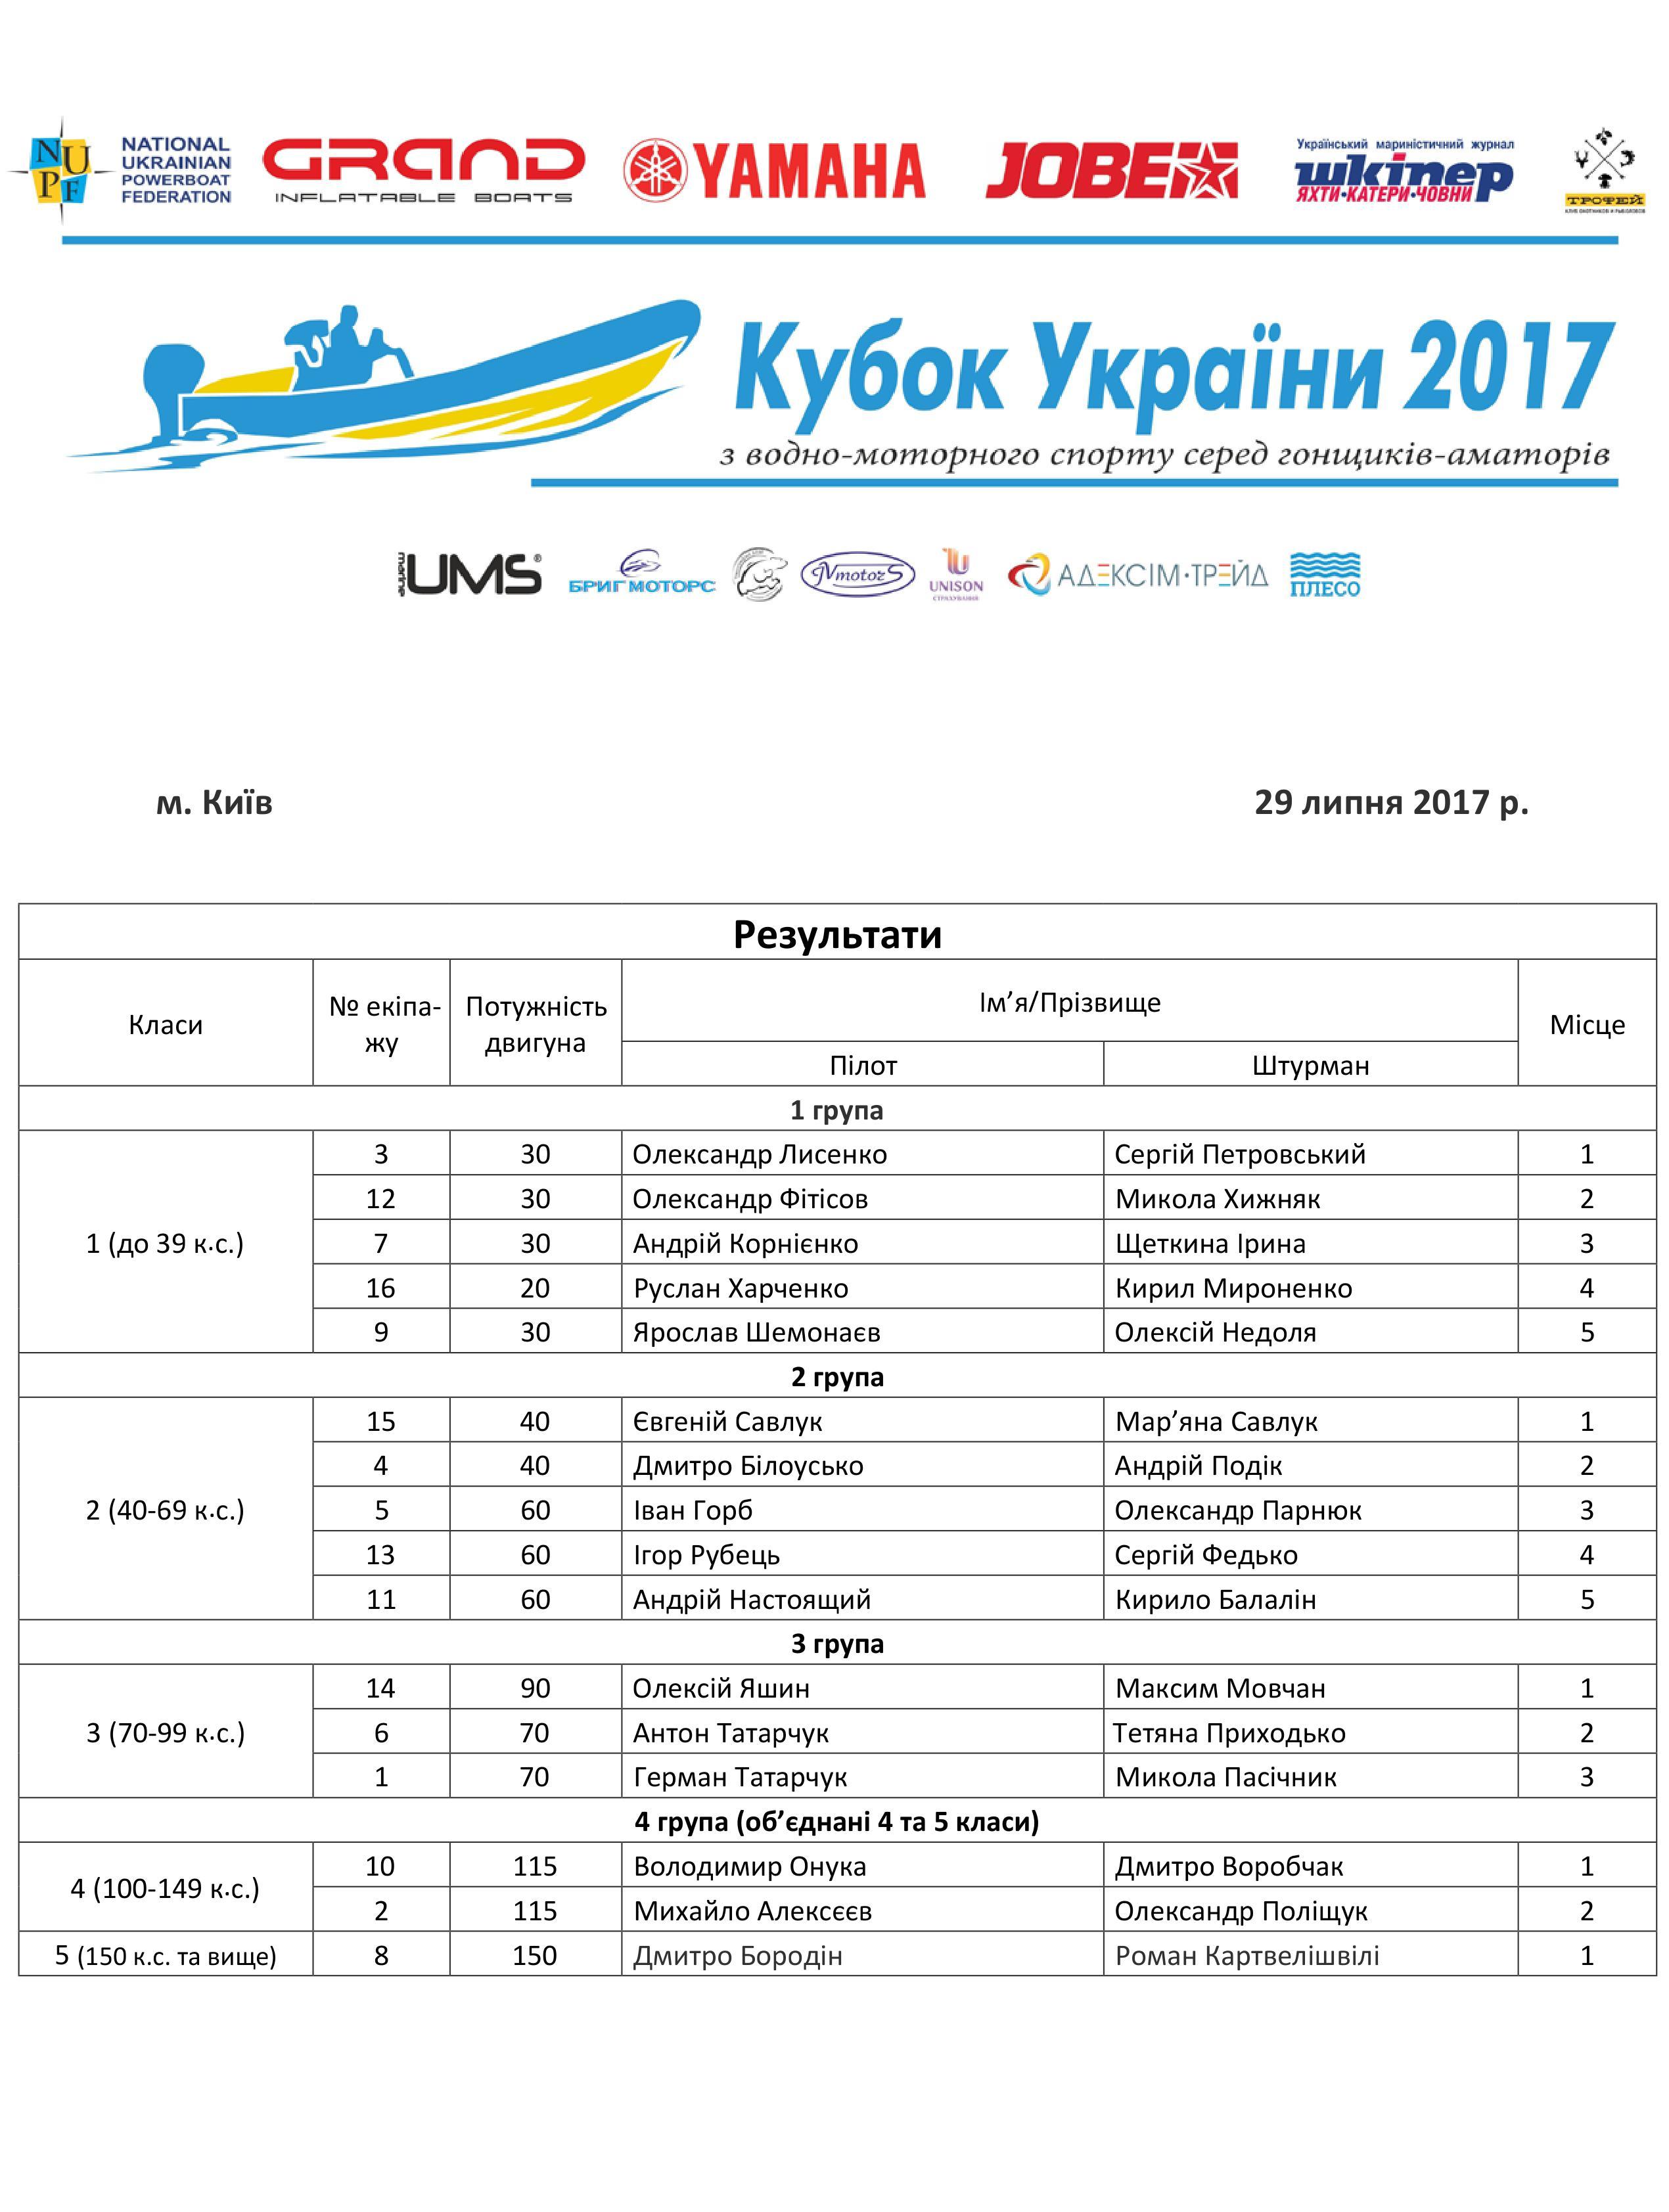 Кубок України з водно-моторного спорту 2017 року, гонки водно-моторные, кубок водно-моторного спортак